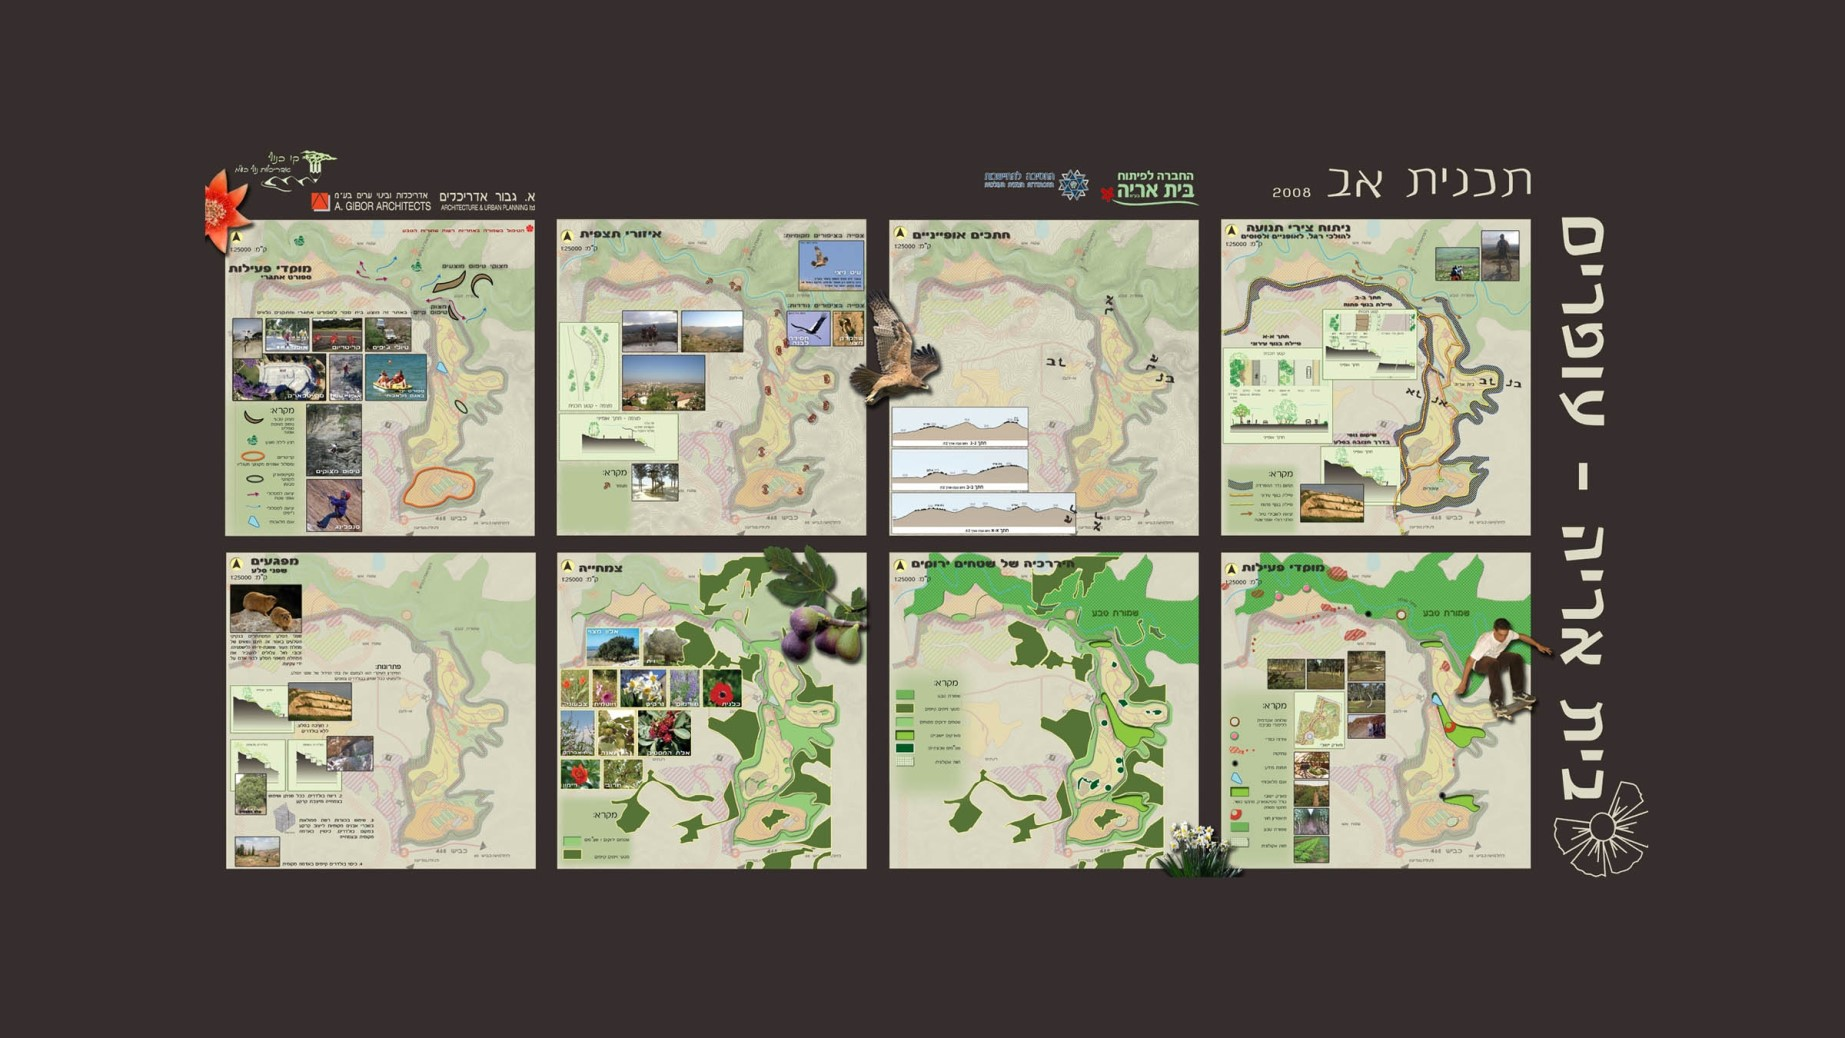 תכנית מתאר בית אריה עופרים 2007